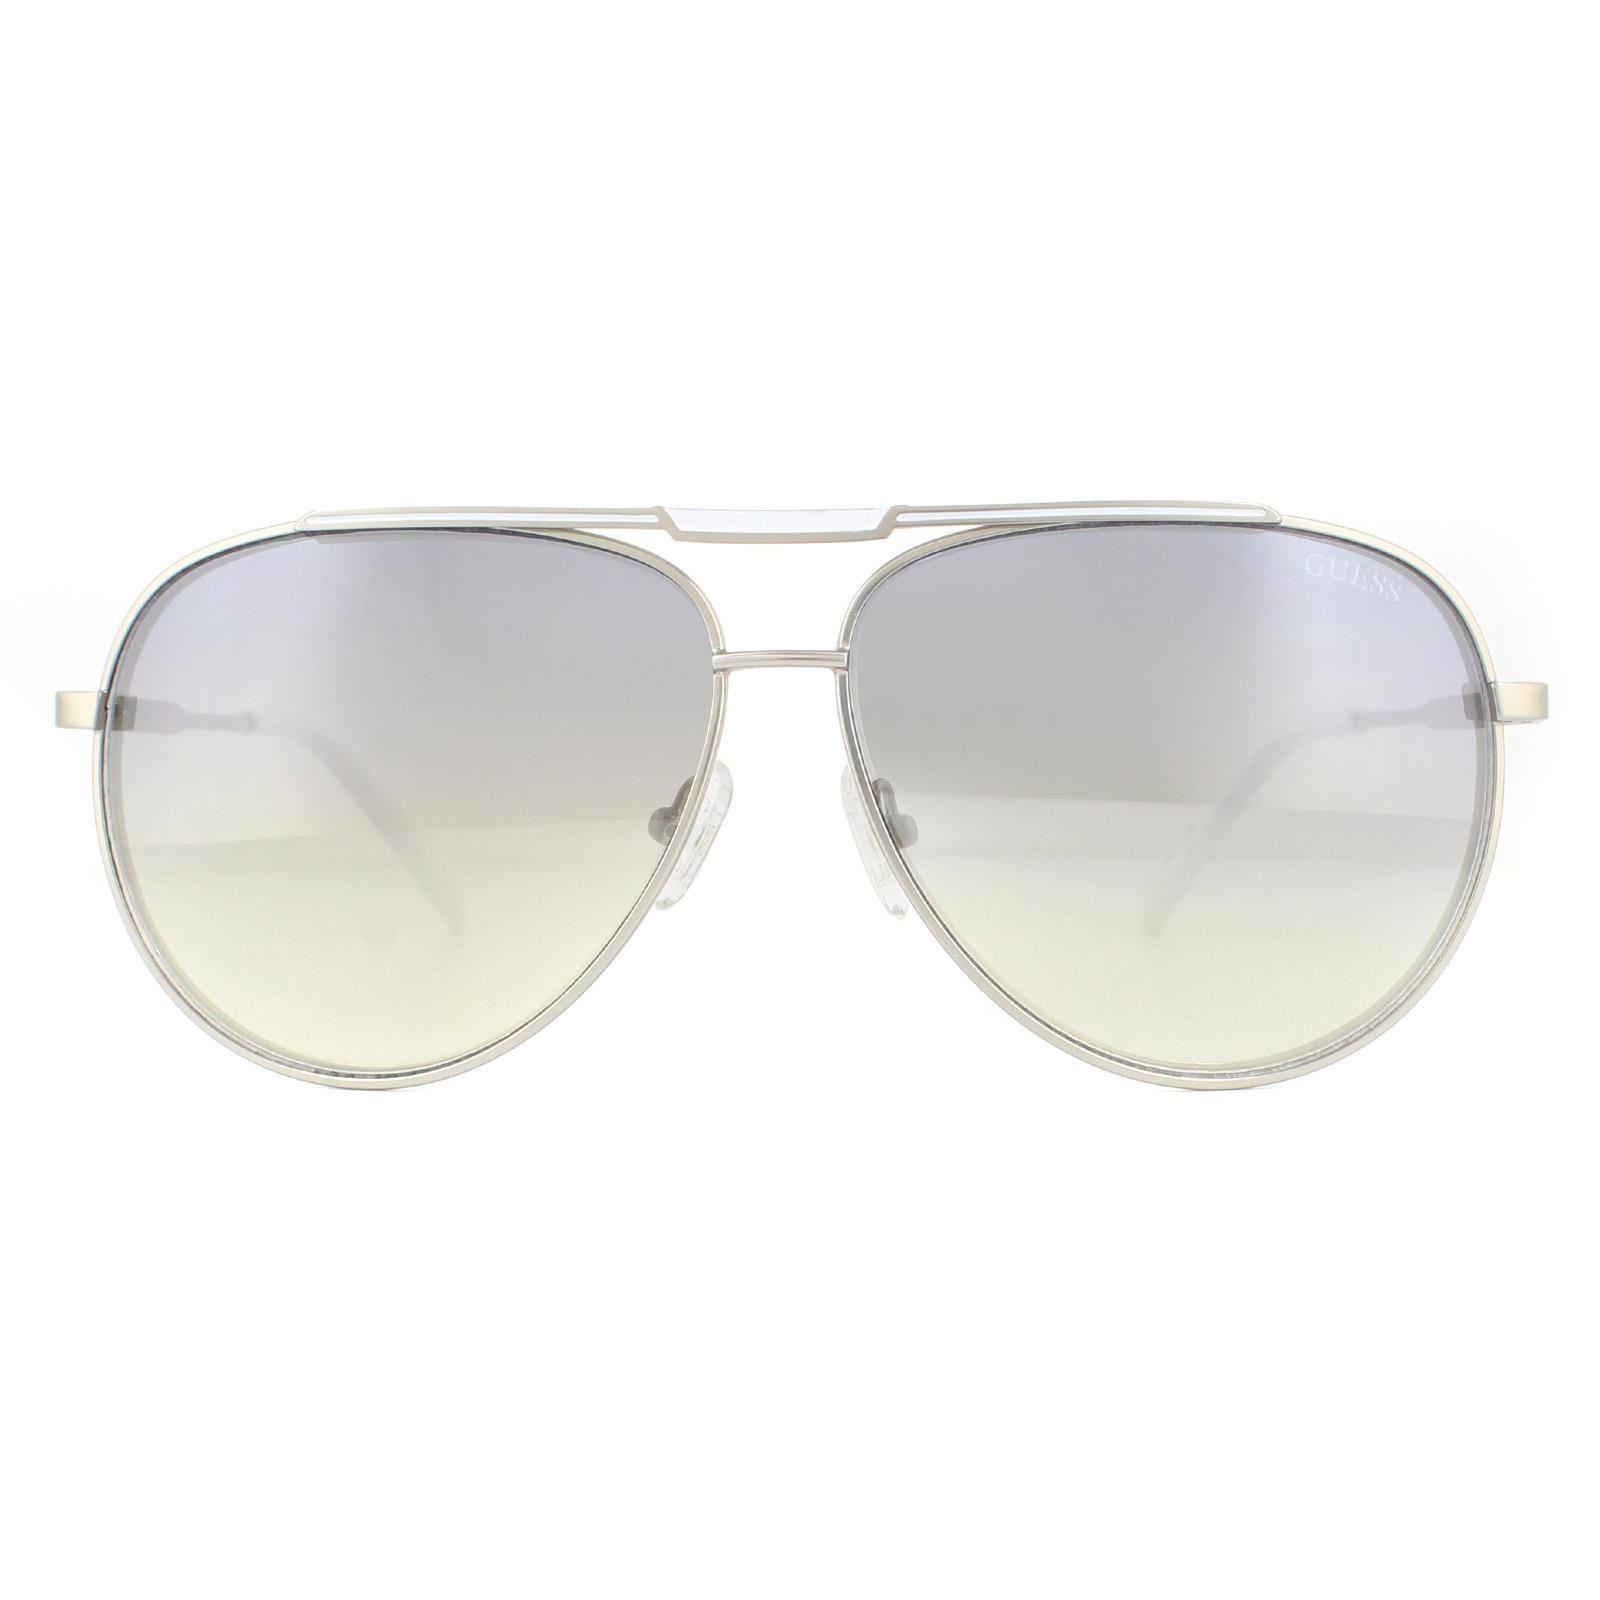 Guess Sunglasses GF5034 10C White Matte Silver Grey Gradient Silver Mirror